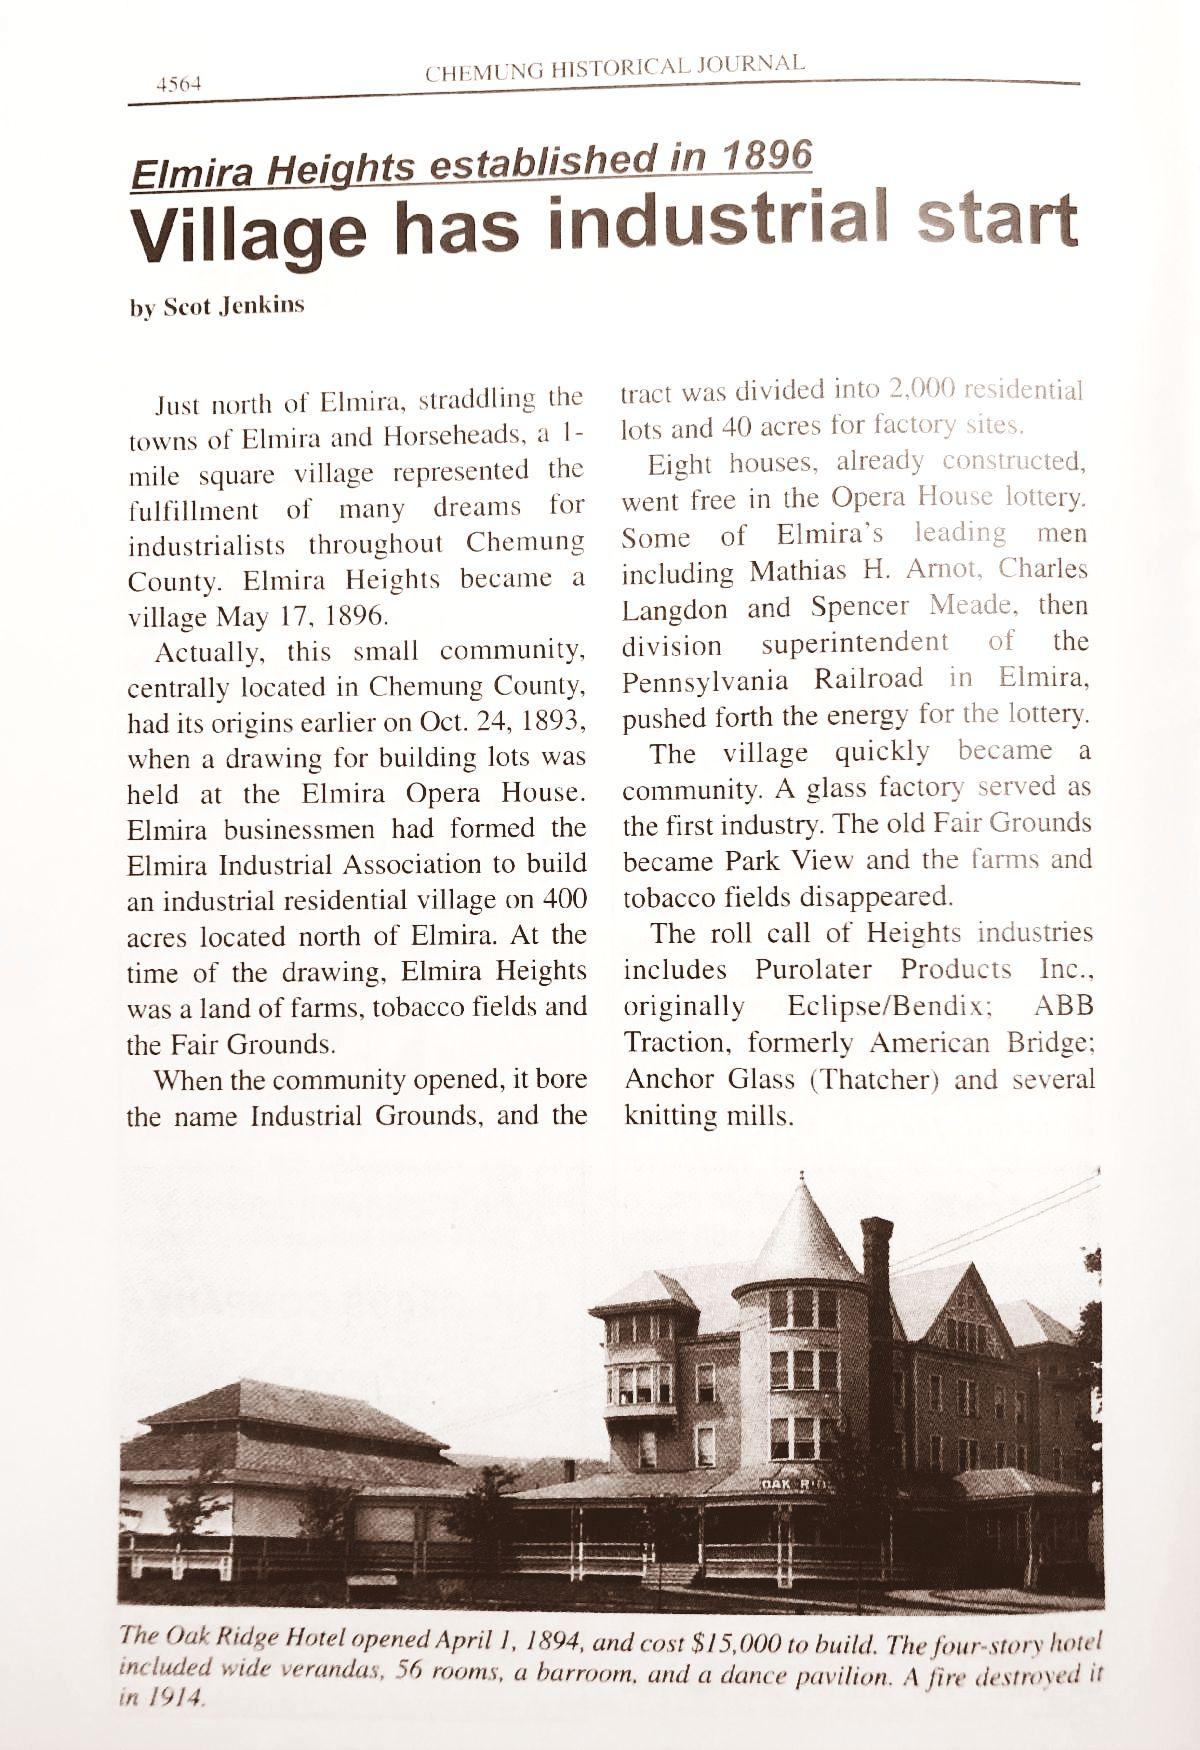 9b223b58 c073 4efe 975e bf9f75a81128 - This Week at Chemung County Historical Society